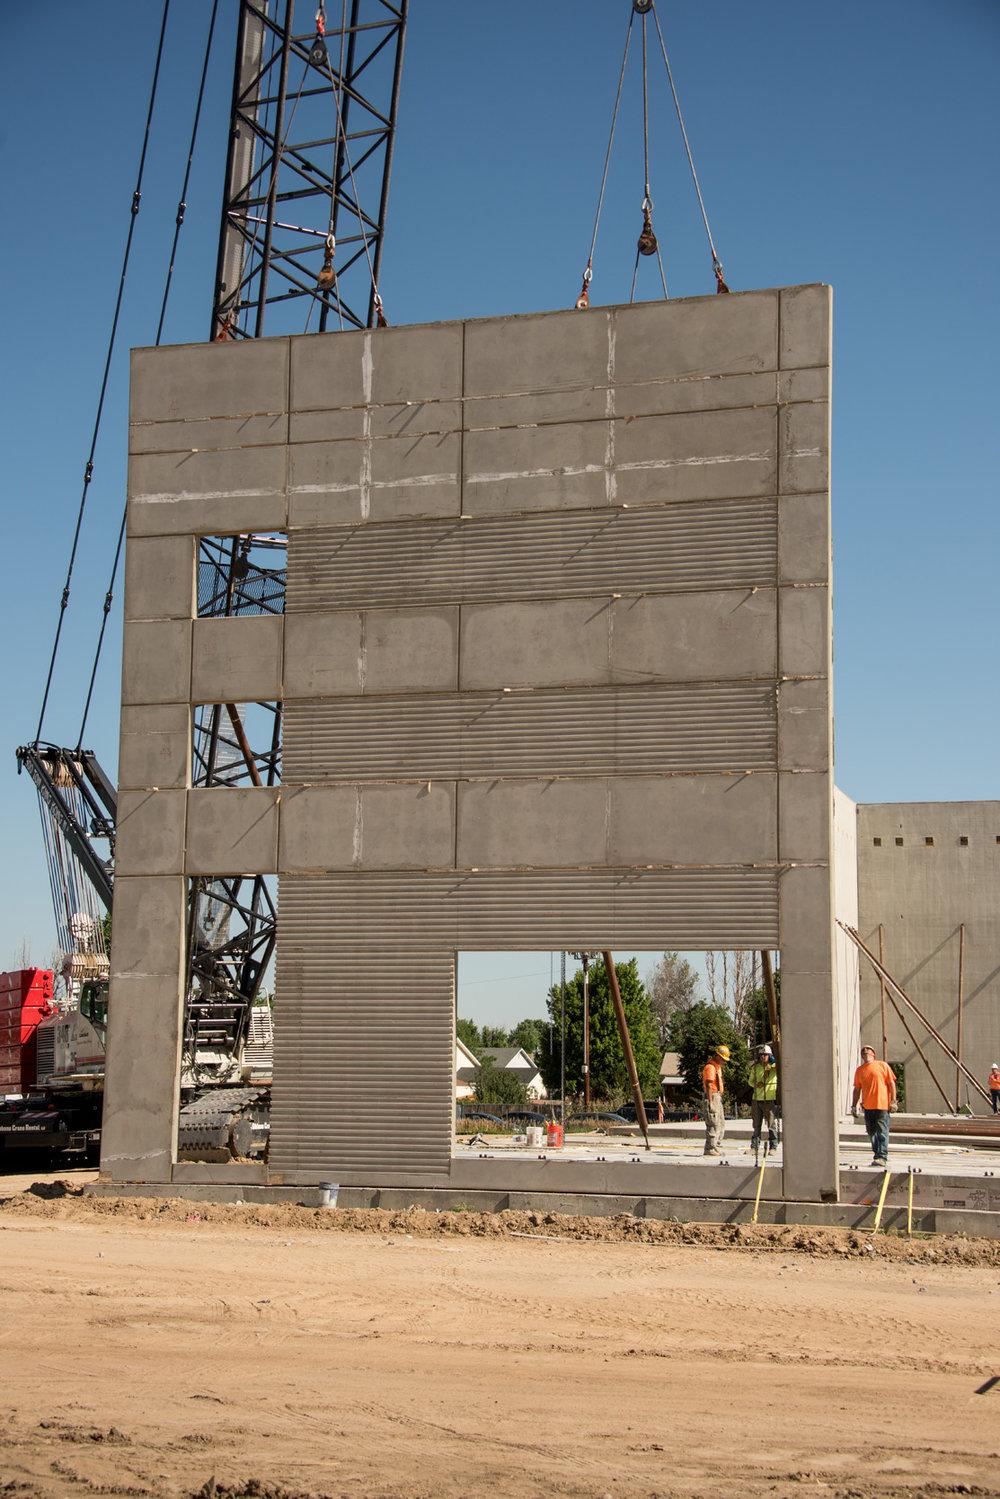 8020-builders-cc70-2.jpg